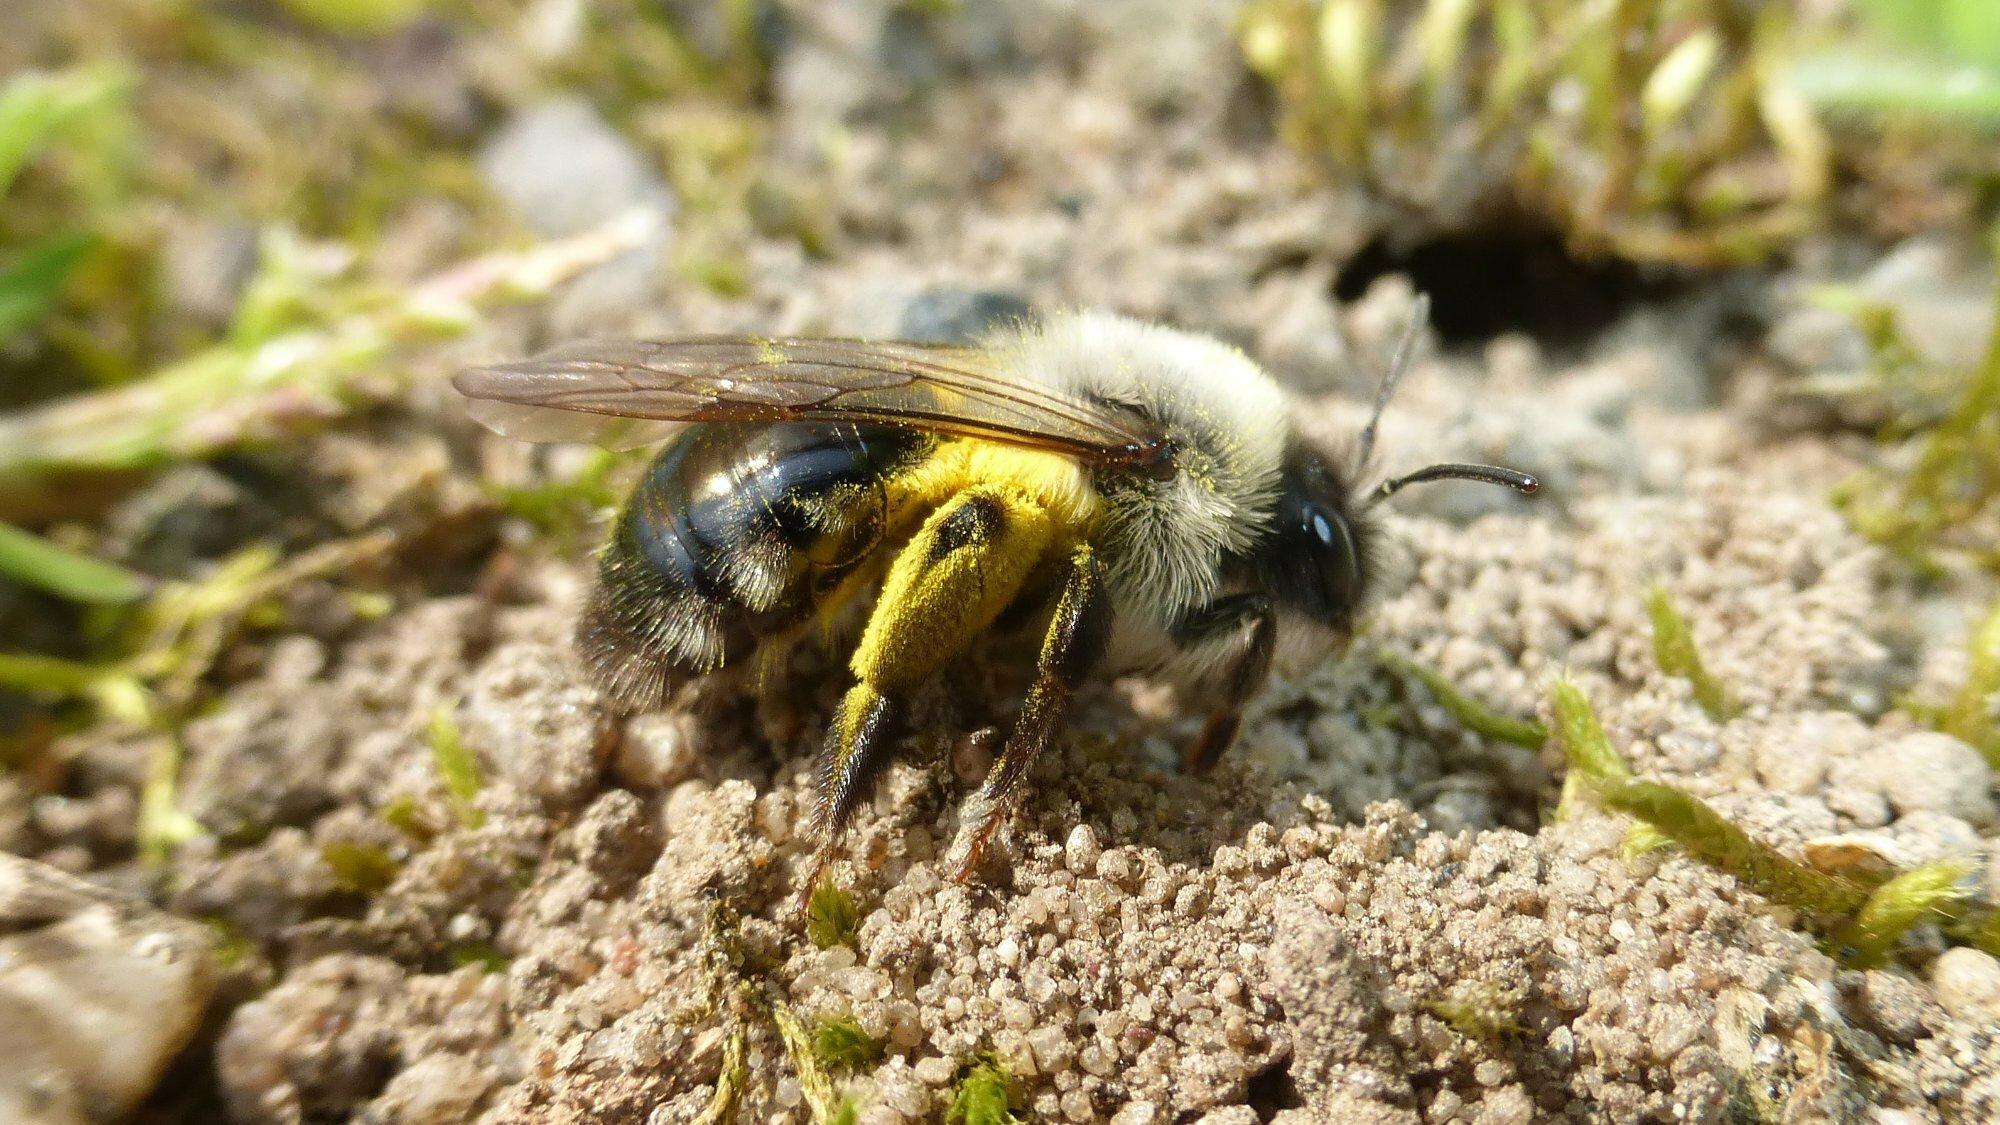 Weibliche Sandbiene sitzt mit angelegten Flügeln auf sandigem Boden, die Hinterbeine gelb mit Pollen.